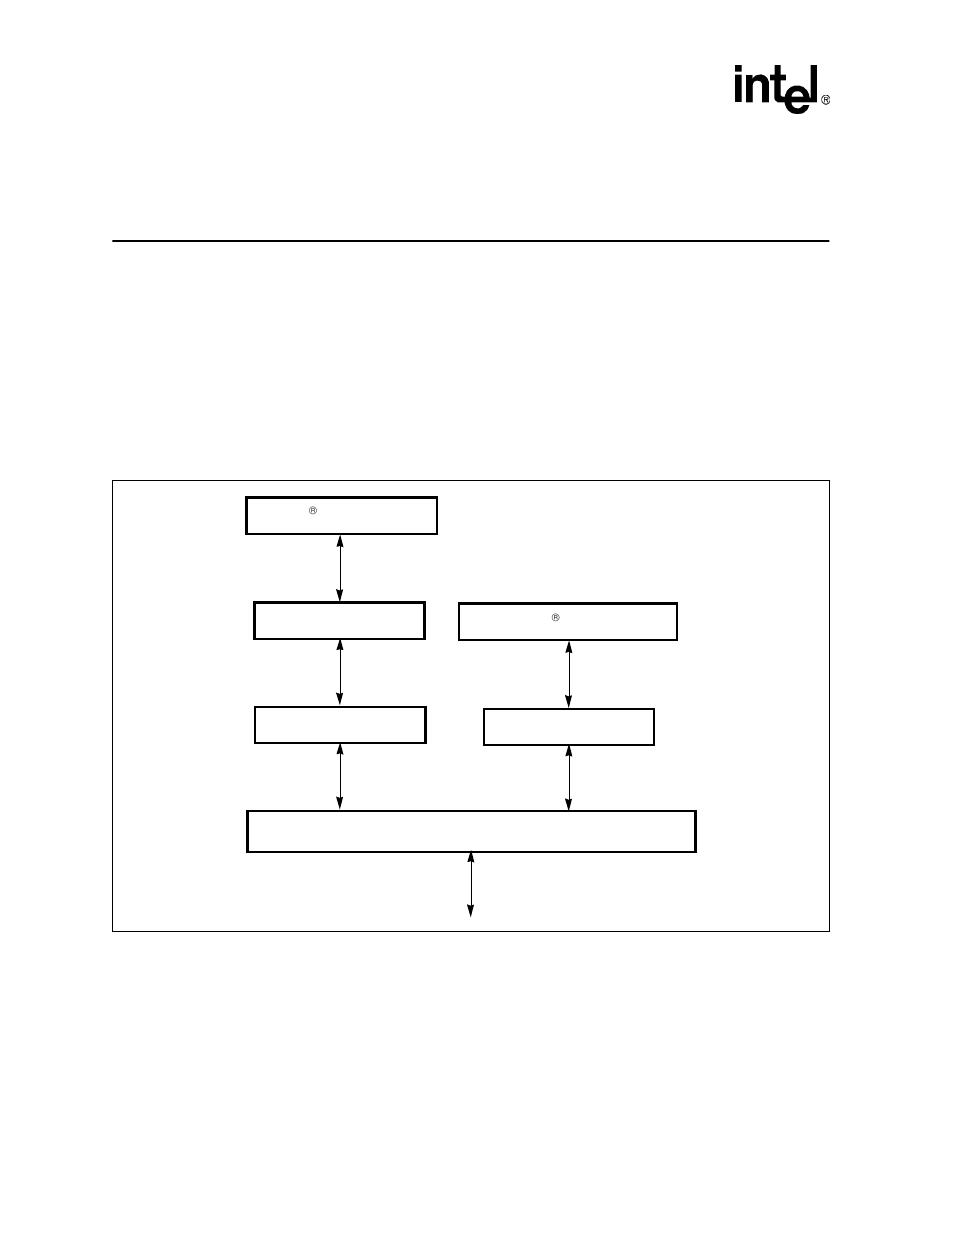 Parallel host interface 16c450/16c550a uart 9, 1 uart